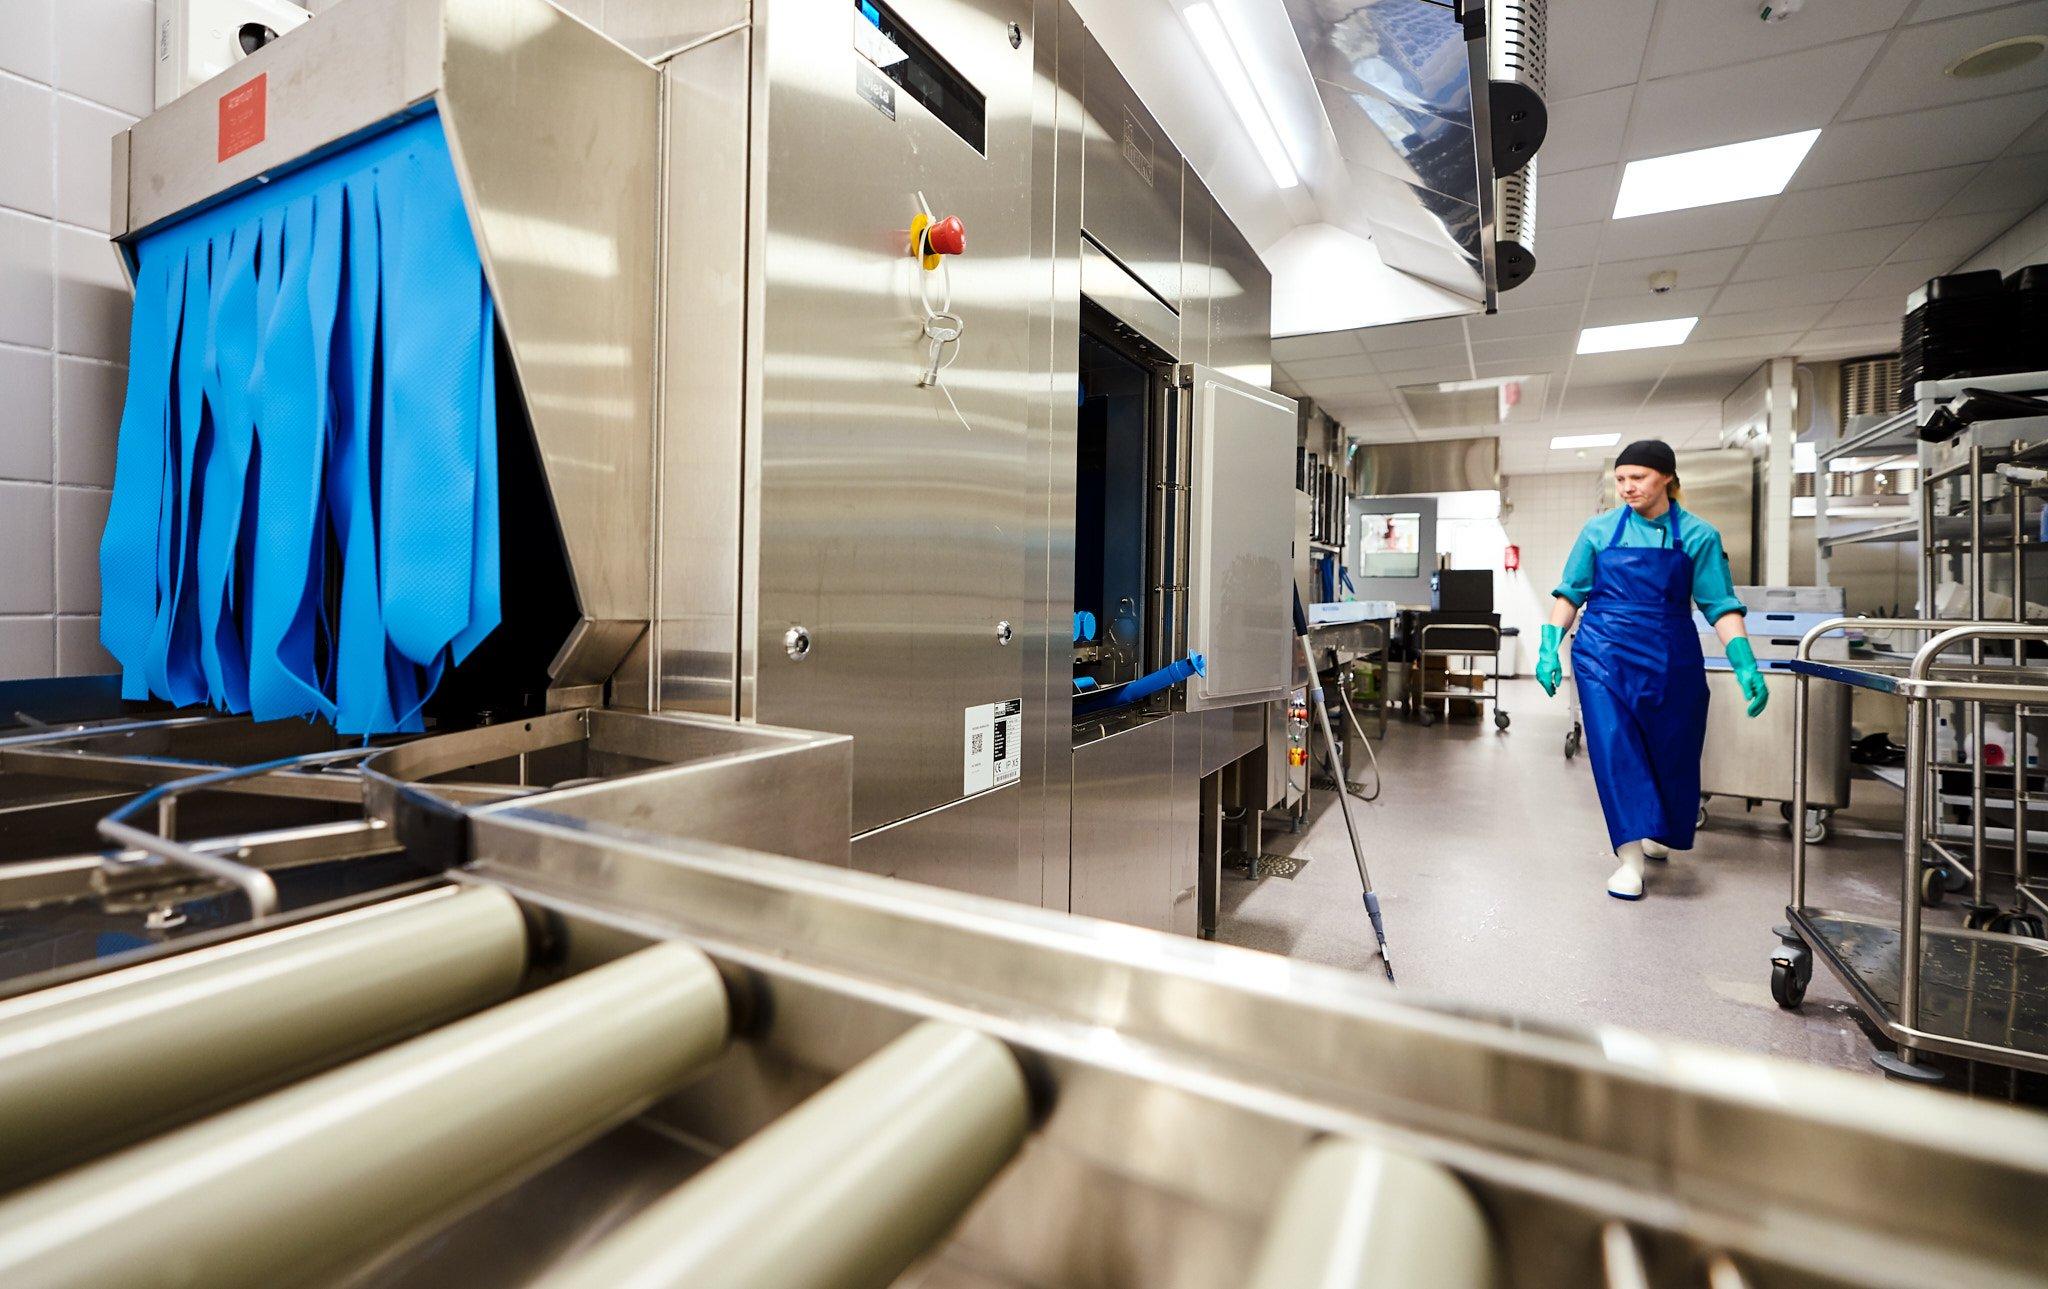 Liminganlahden keskuskeittiön Meiko UPster -korikuljetinastianpesukone